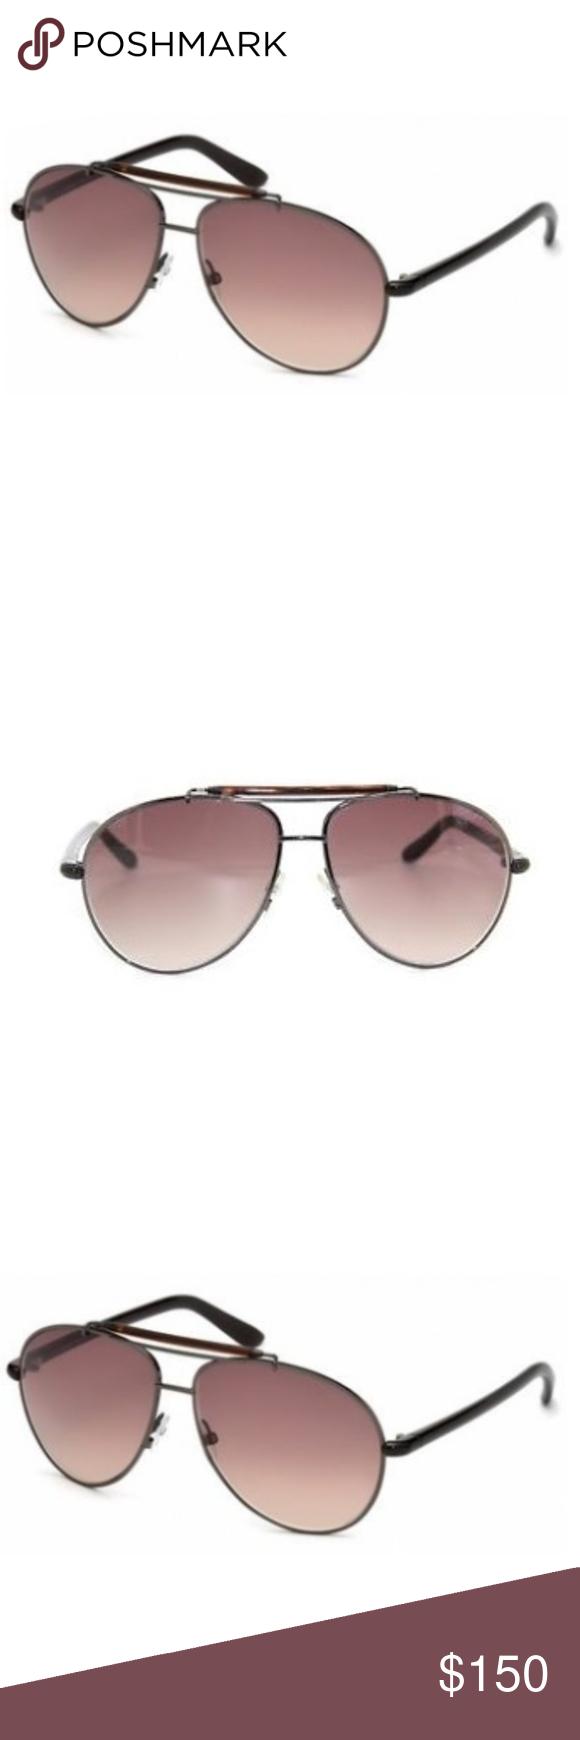 4f74bea648b13 Tom Ford Bradley TF244 08F Silver Black Sunglasses Tom Ford Bradley TF 244  08F Silver Black